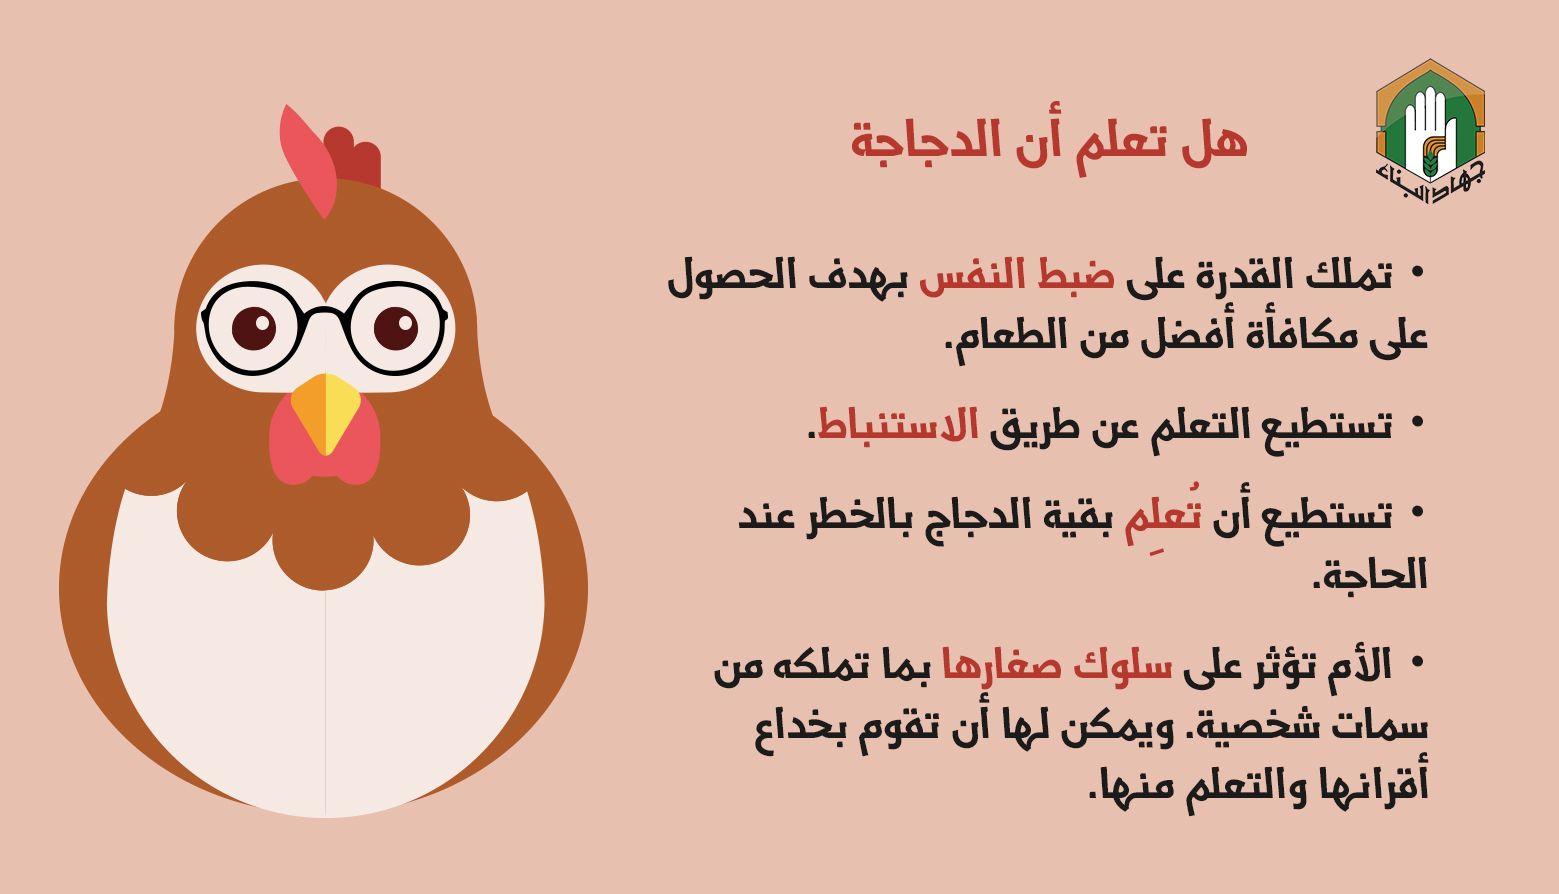 الدجاجة أذكى مما تتخيل Tree Farms Agriculture Coops